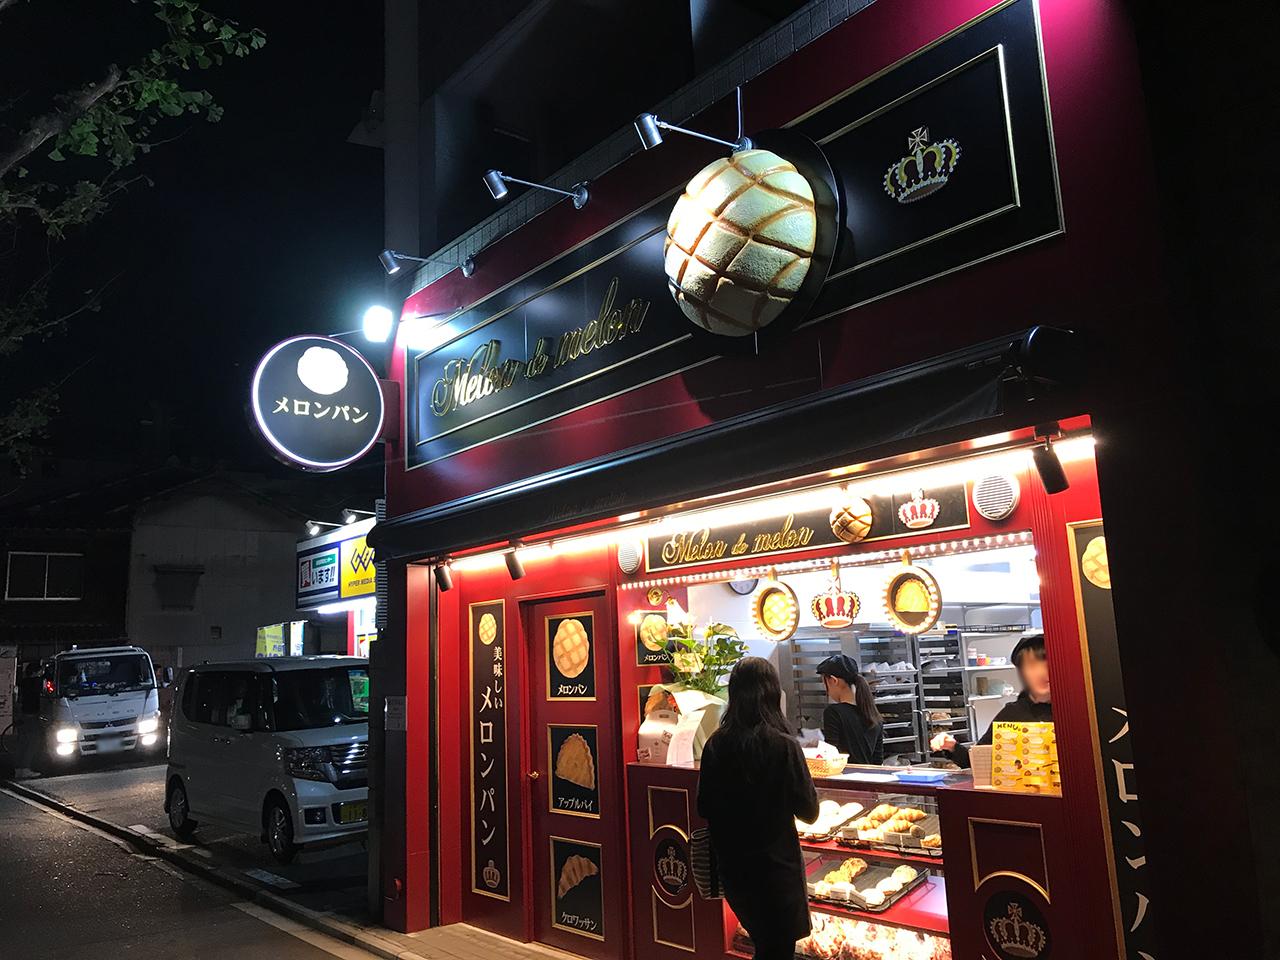 いろんなお味のメロンパンを楽しめる!行列が出来るメロンパン専門店 Melon de melon京都円町店に行ってきた!